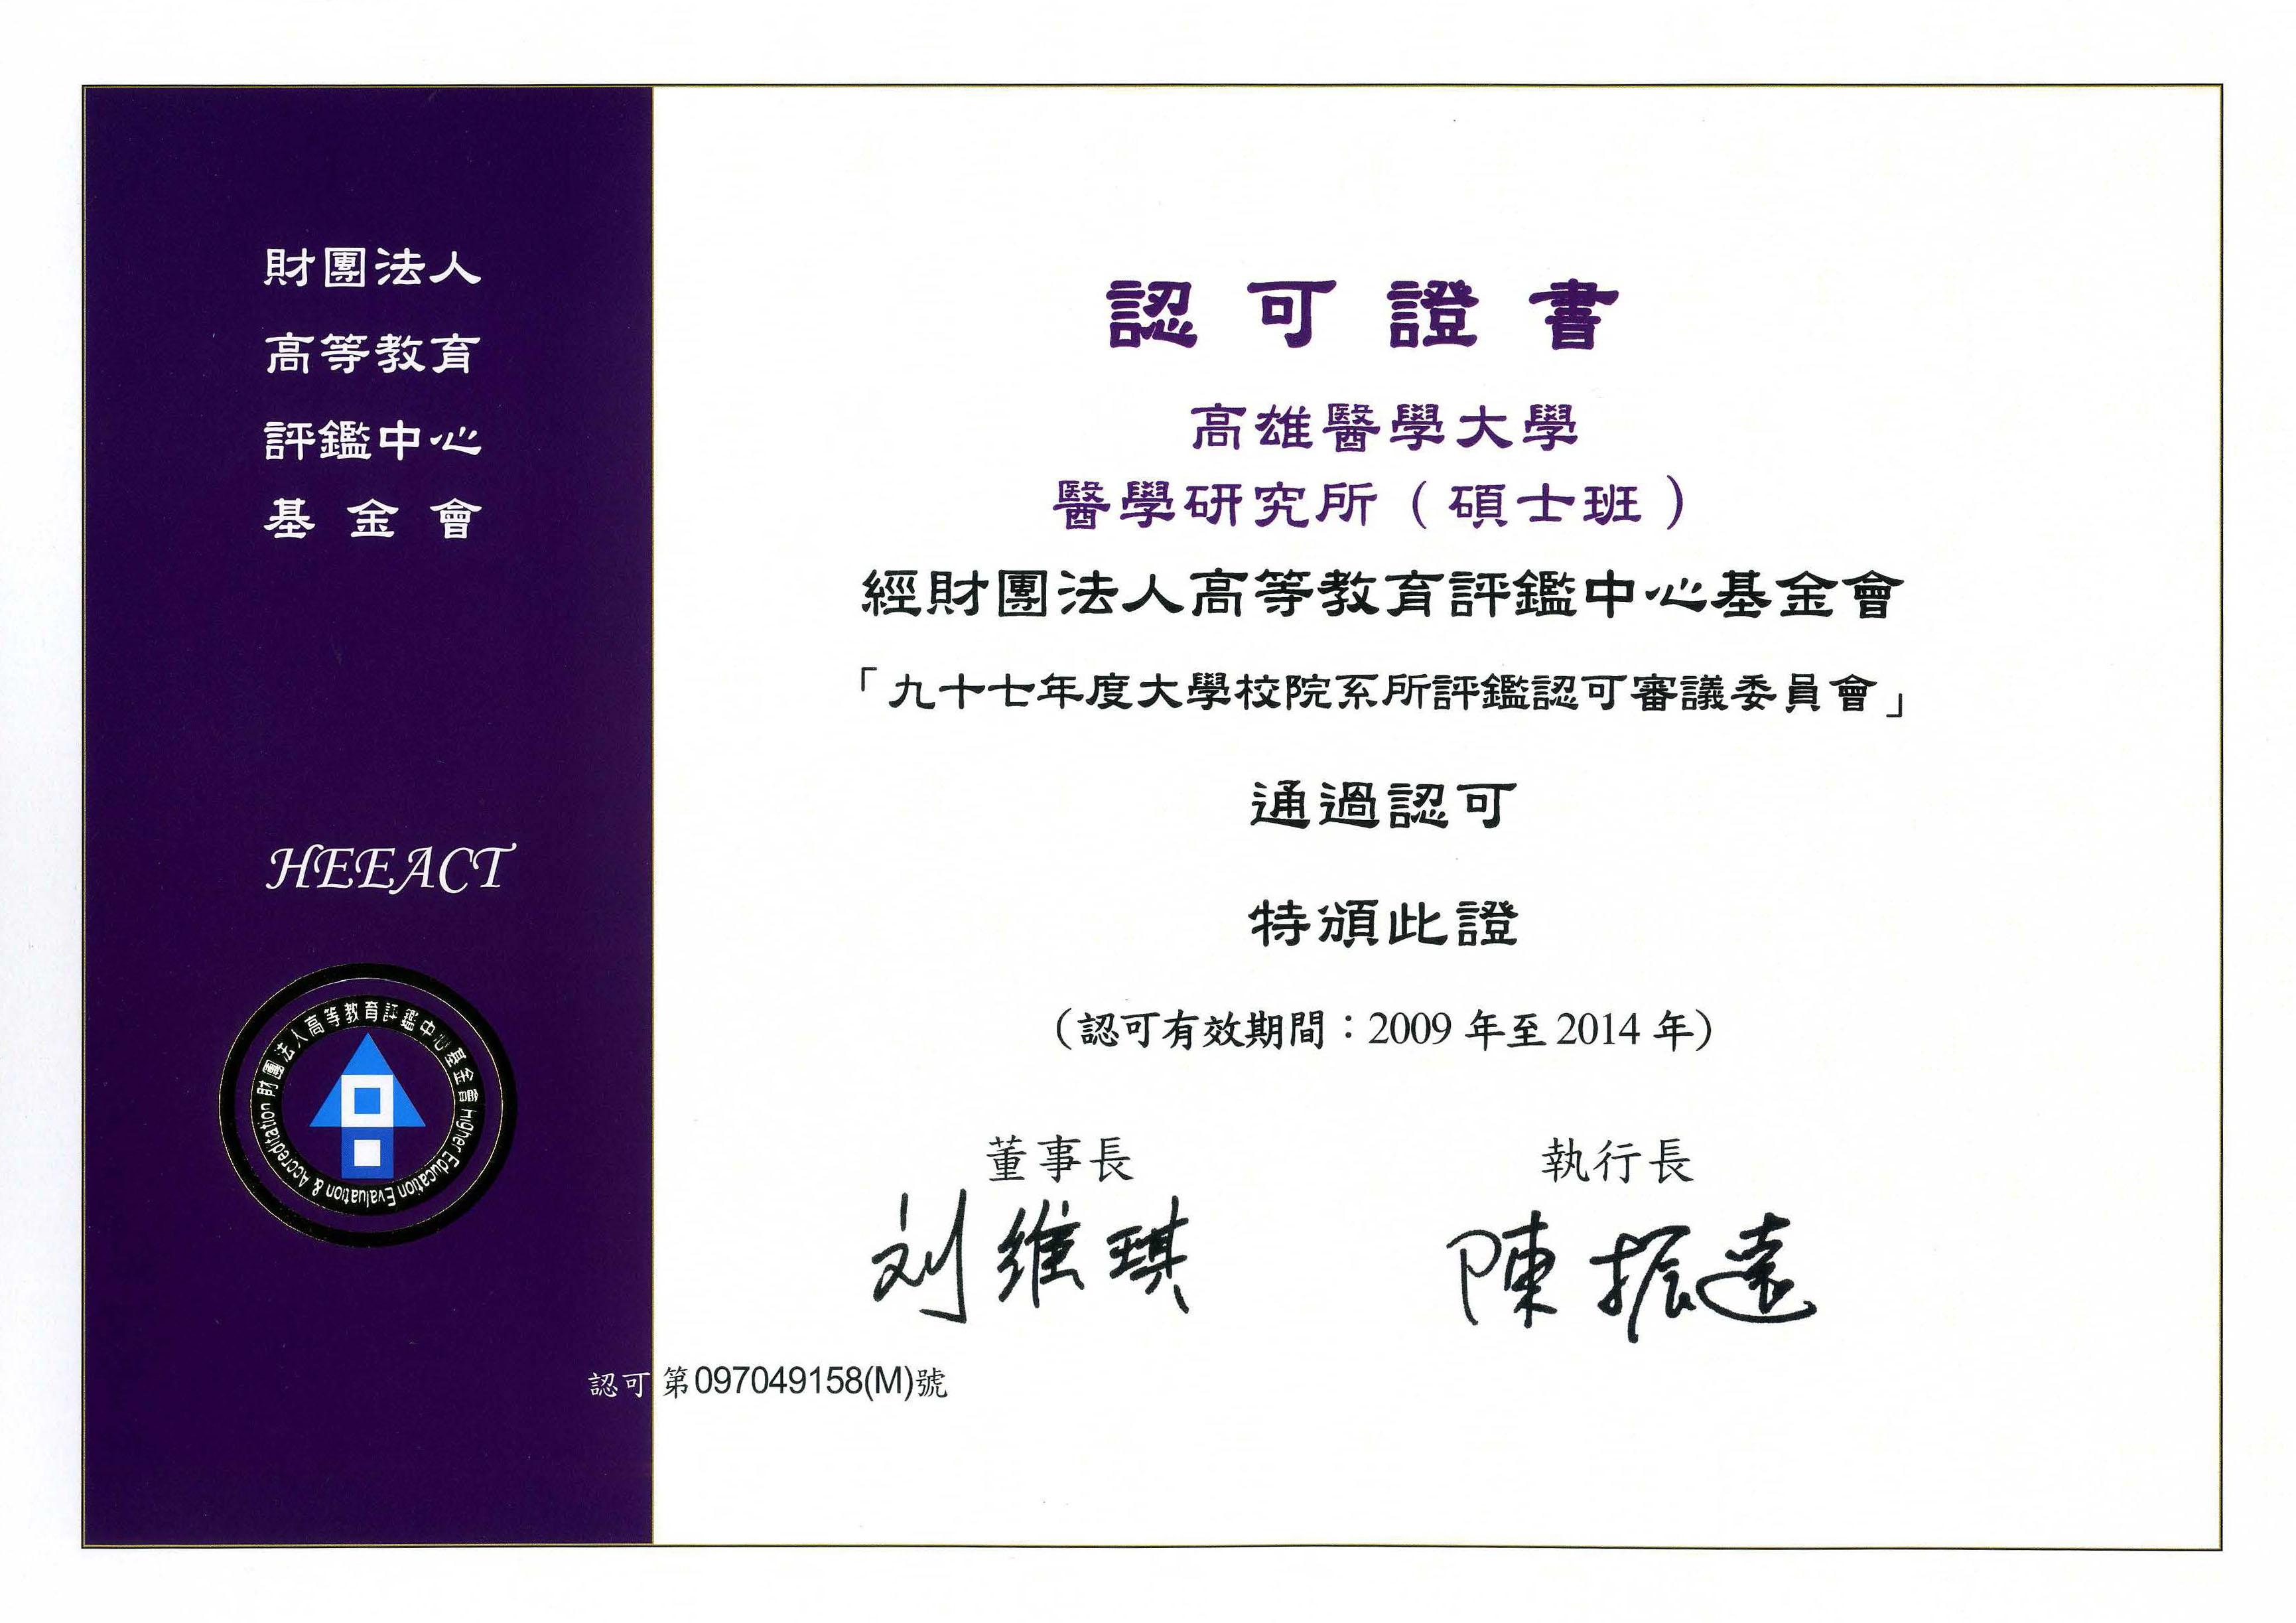 碩士班評鑑通過證書 中文版